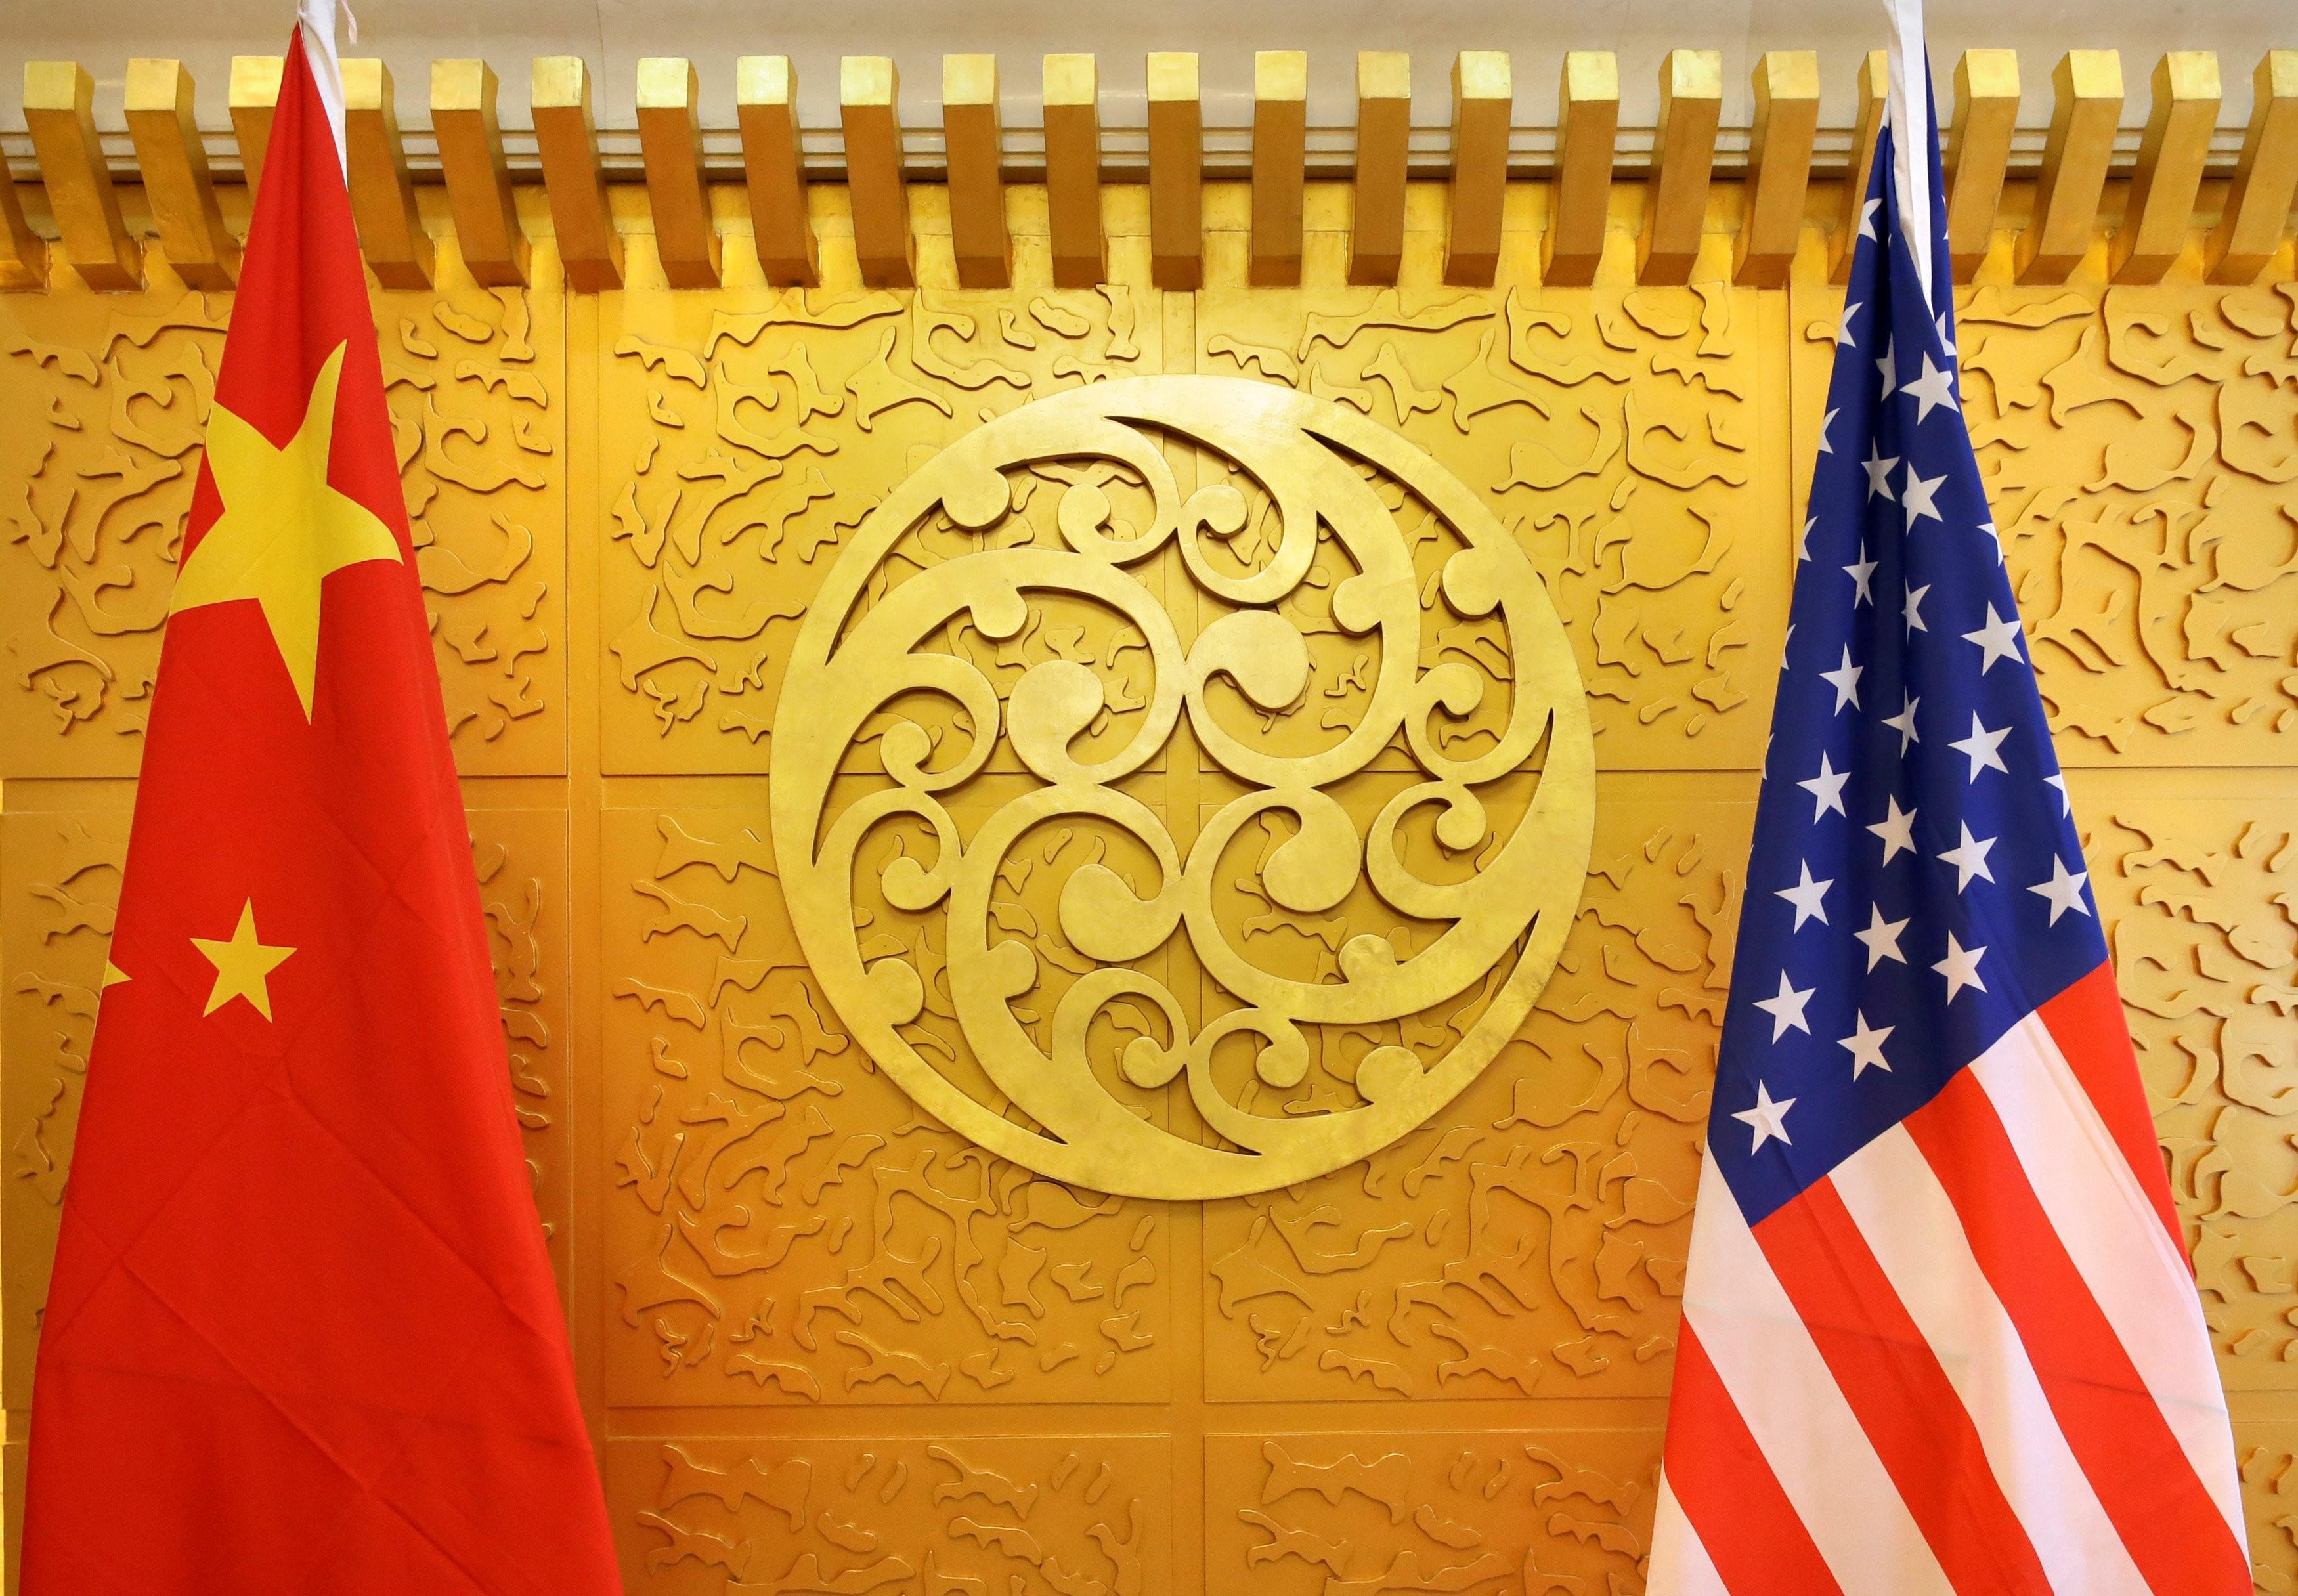 Trump espera que acordo entre EUA e China seja assinado até meados de novembro - Notícias - Plantão Diário